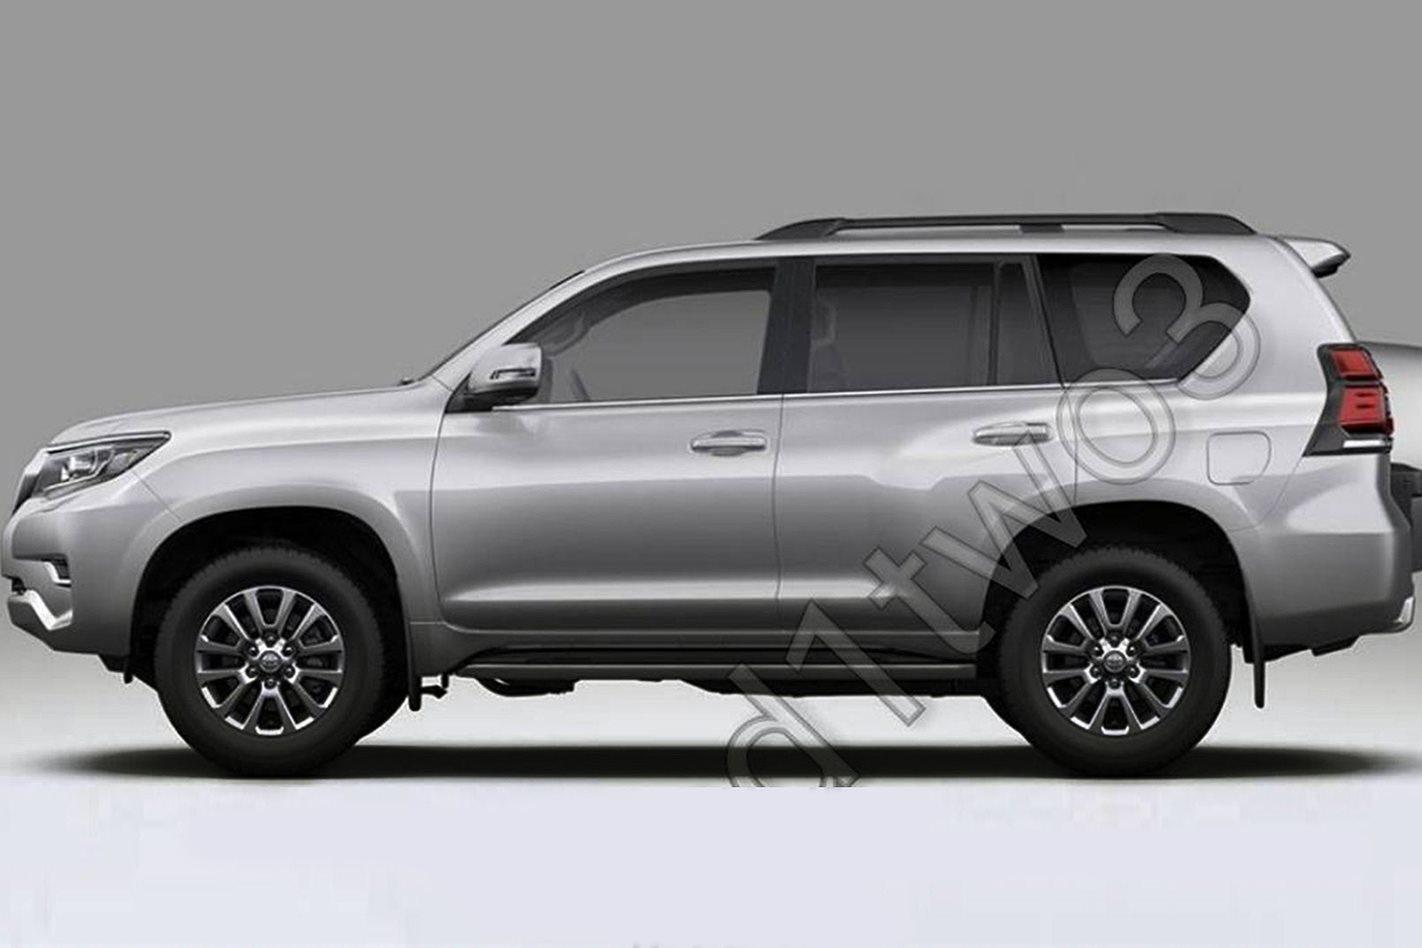 2018 Toyota LandCruiser Prado revealed